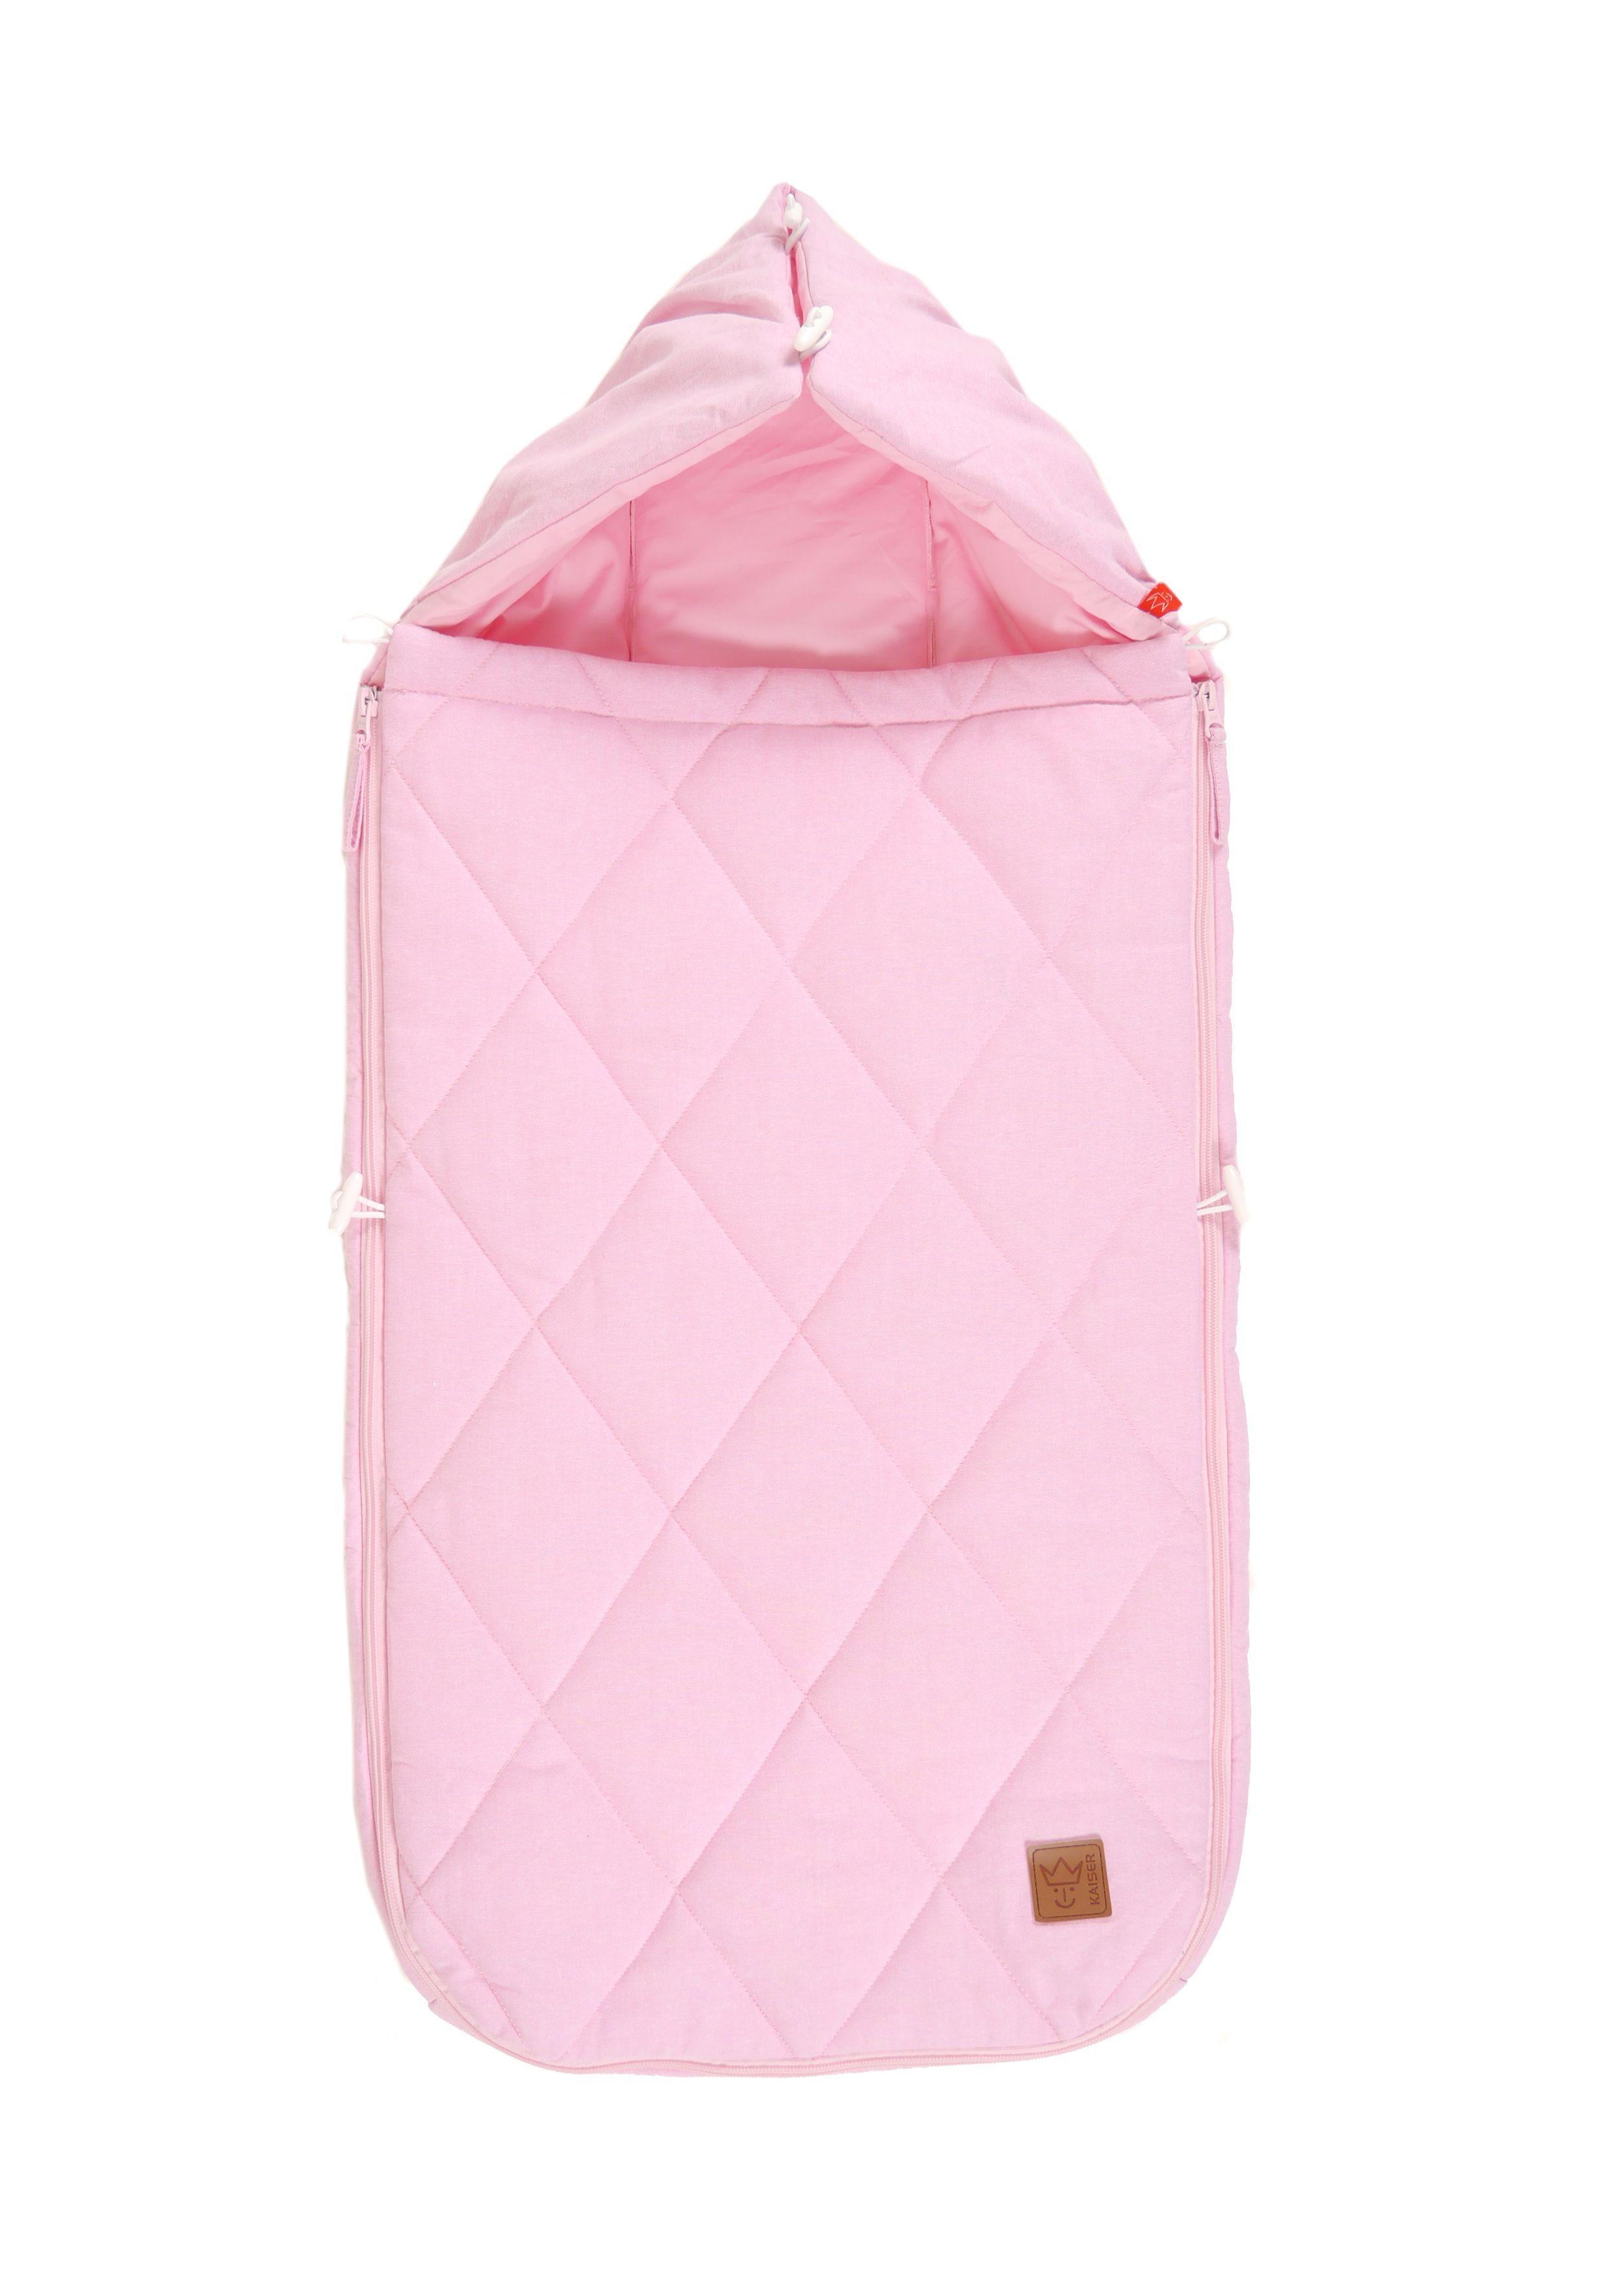 Sommer kørepose fra Kaiser - Nikko - Rose melange